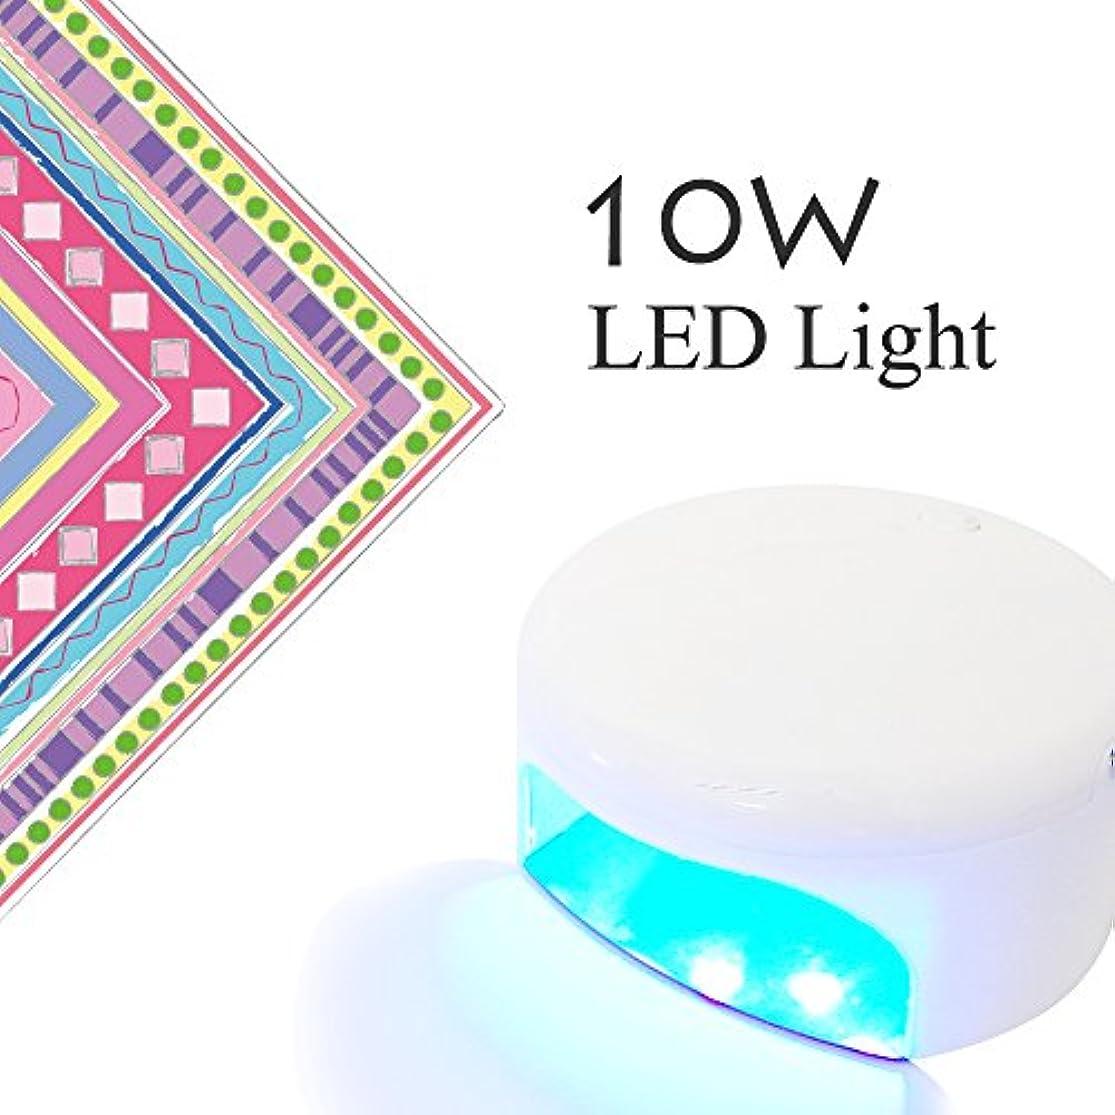 同盟和らげる放牧するネイル用LEDライト 10W チップLED搭載 【LED10wライト】コンパクトハイパワー保証書。取扱説明書付き ジェルネイル (10W)